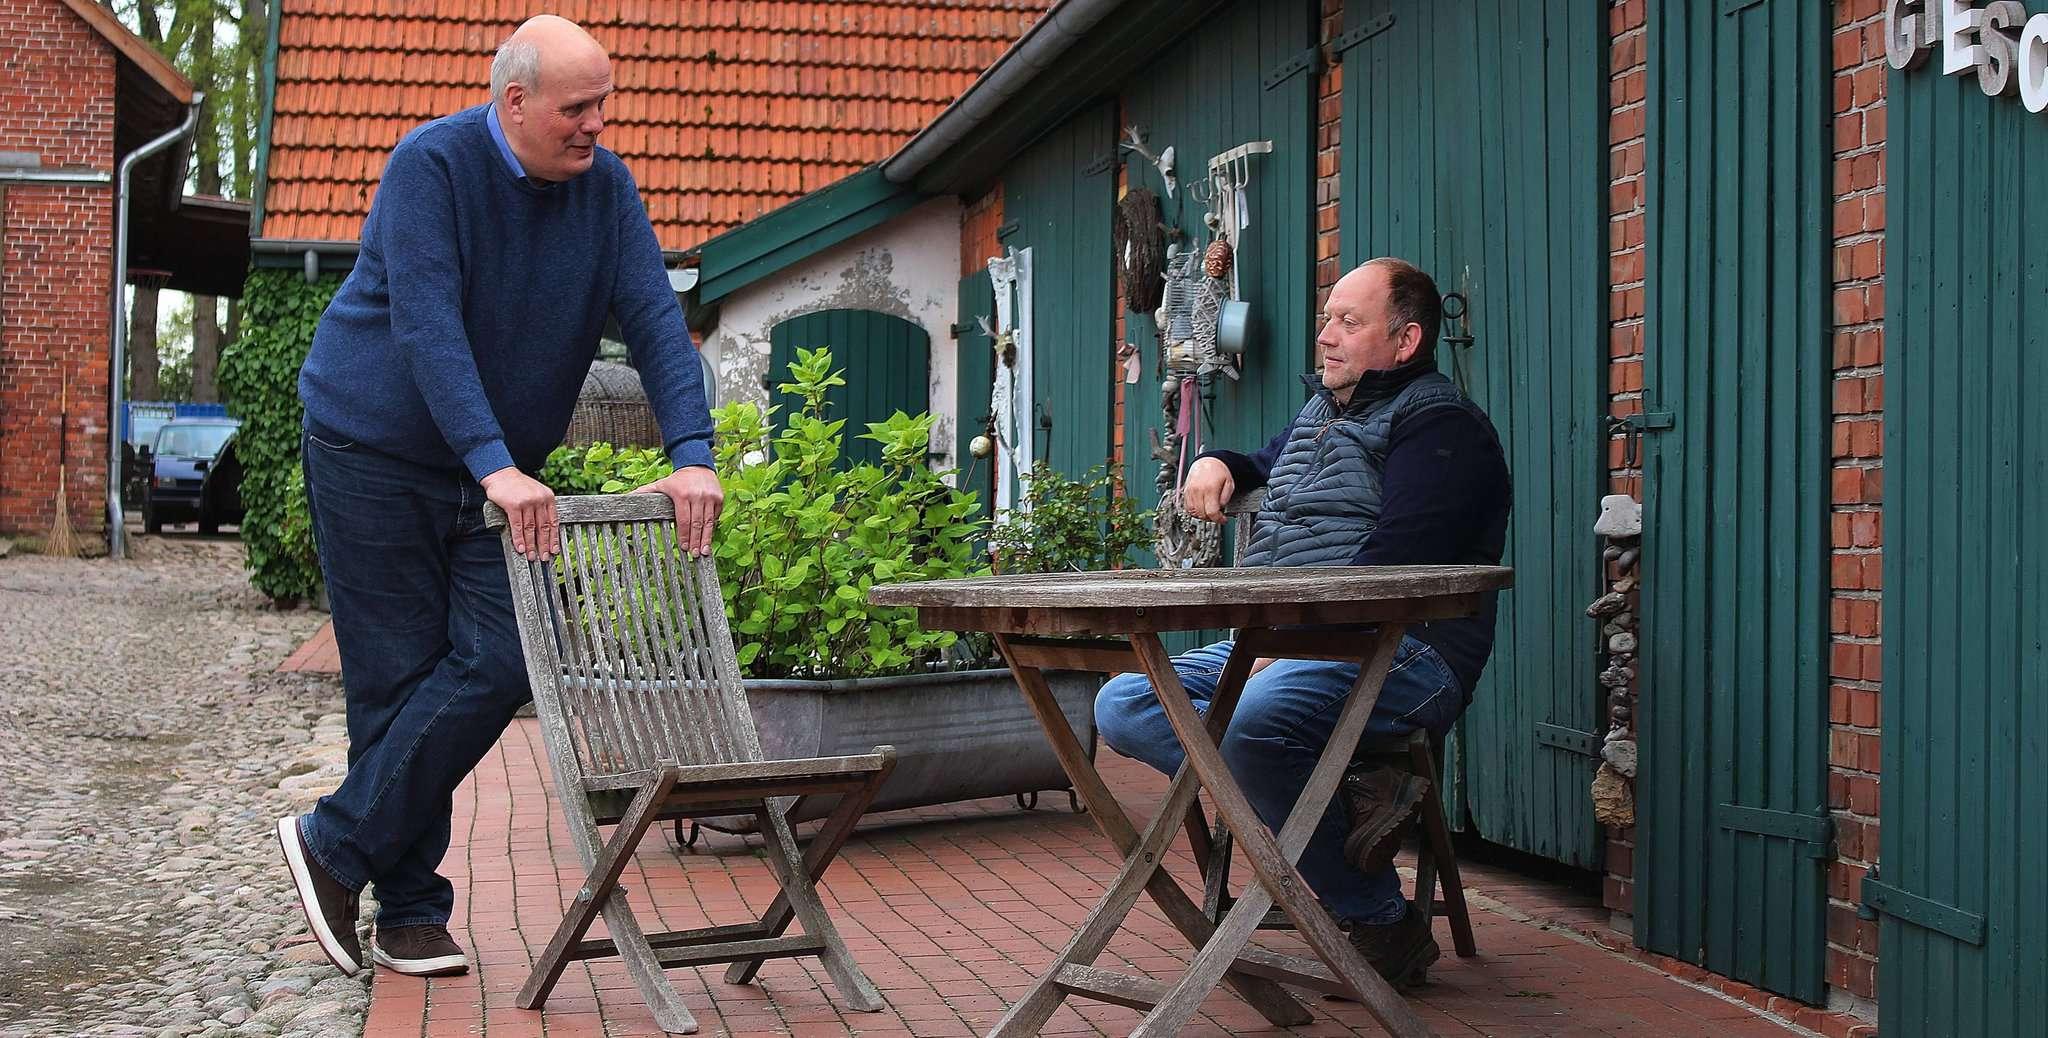 Ähnliche Ideen, viel Diskussionsstoff: Stefan Bachmann (FGBO, links) und Dirk Gieschen (CDU) im Gespräch. Foto: Lisa Duncan